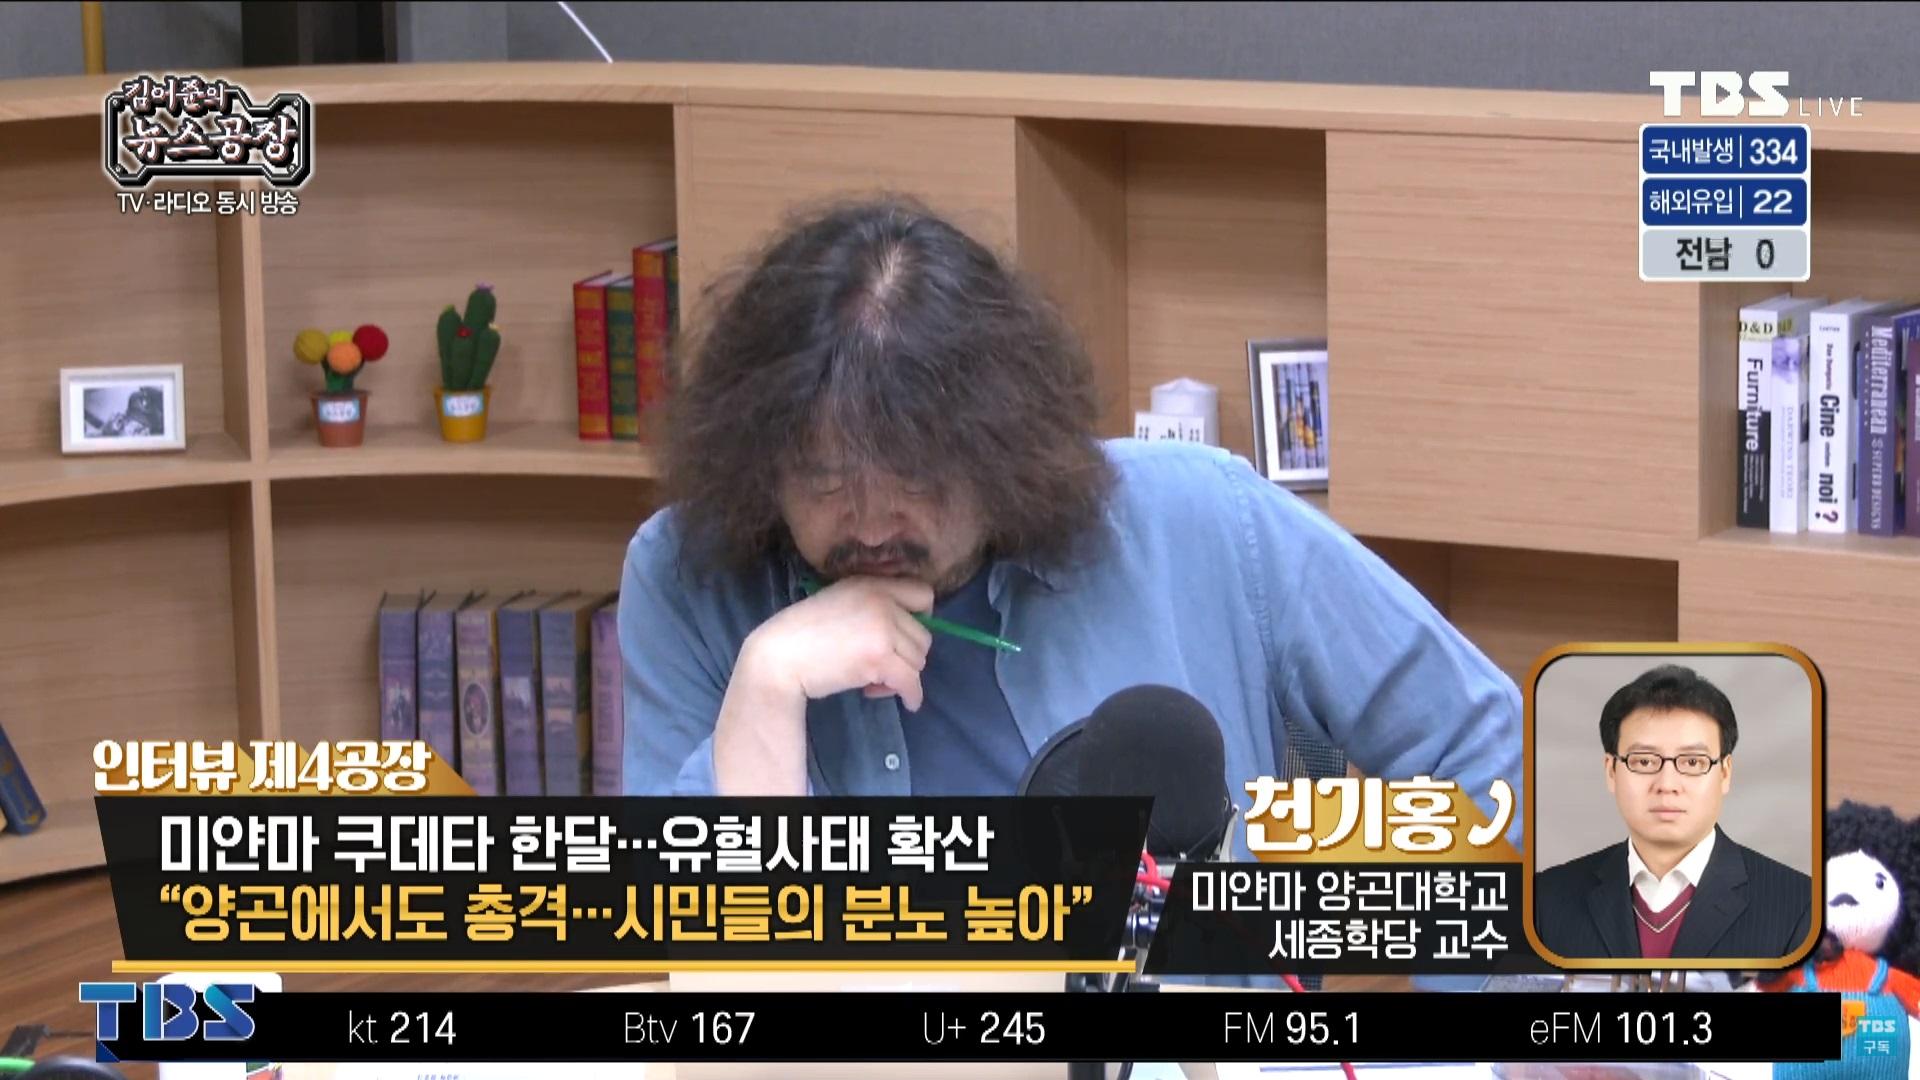 1일 TBS '김어준의 뉴스공장'과 인터뷰하는 천기홍 교수